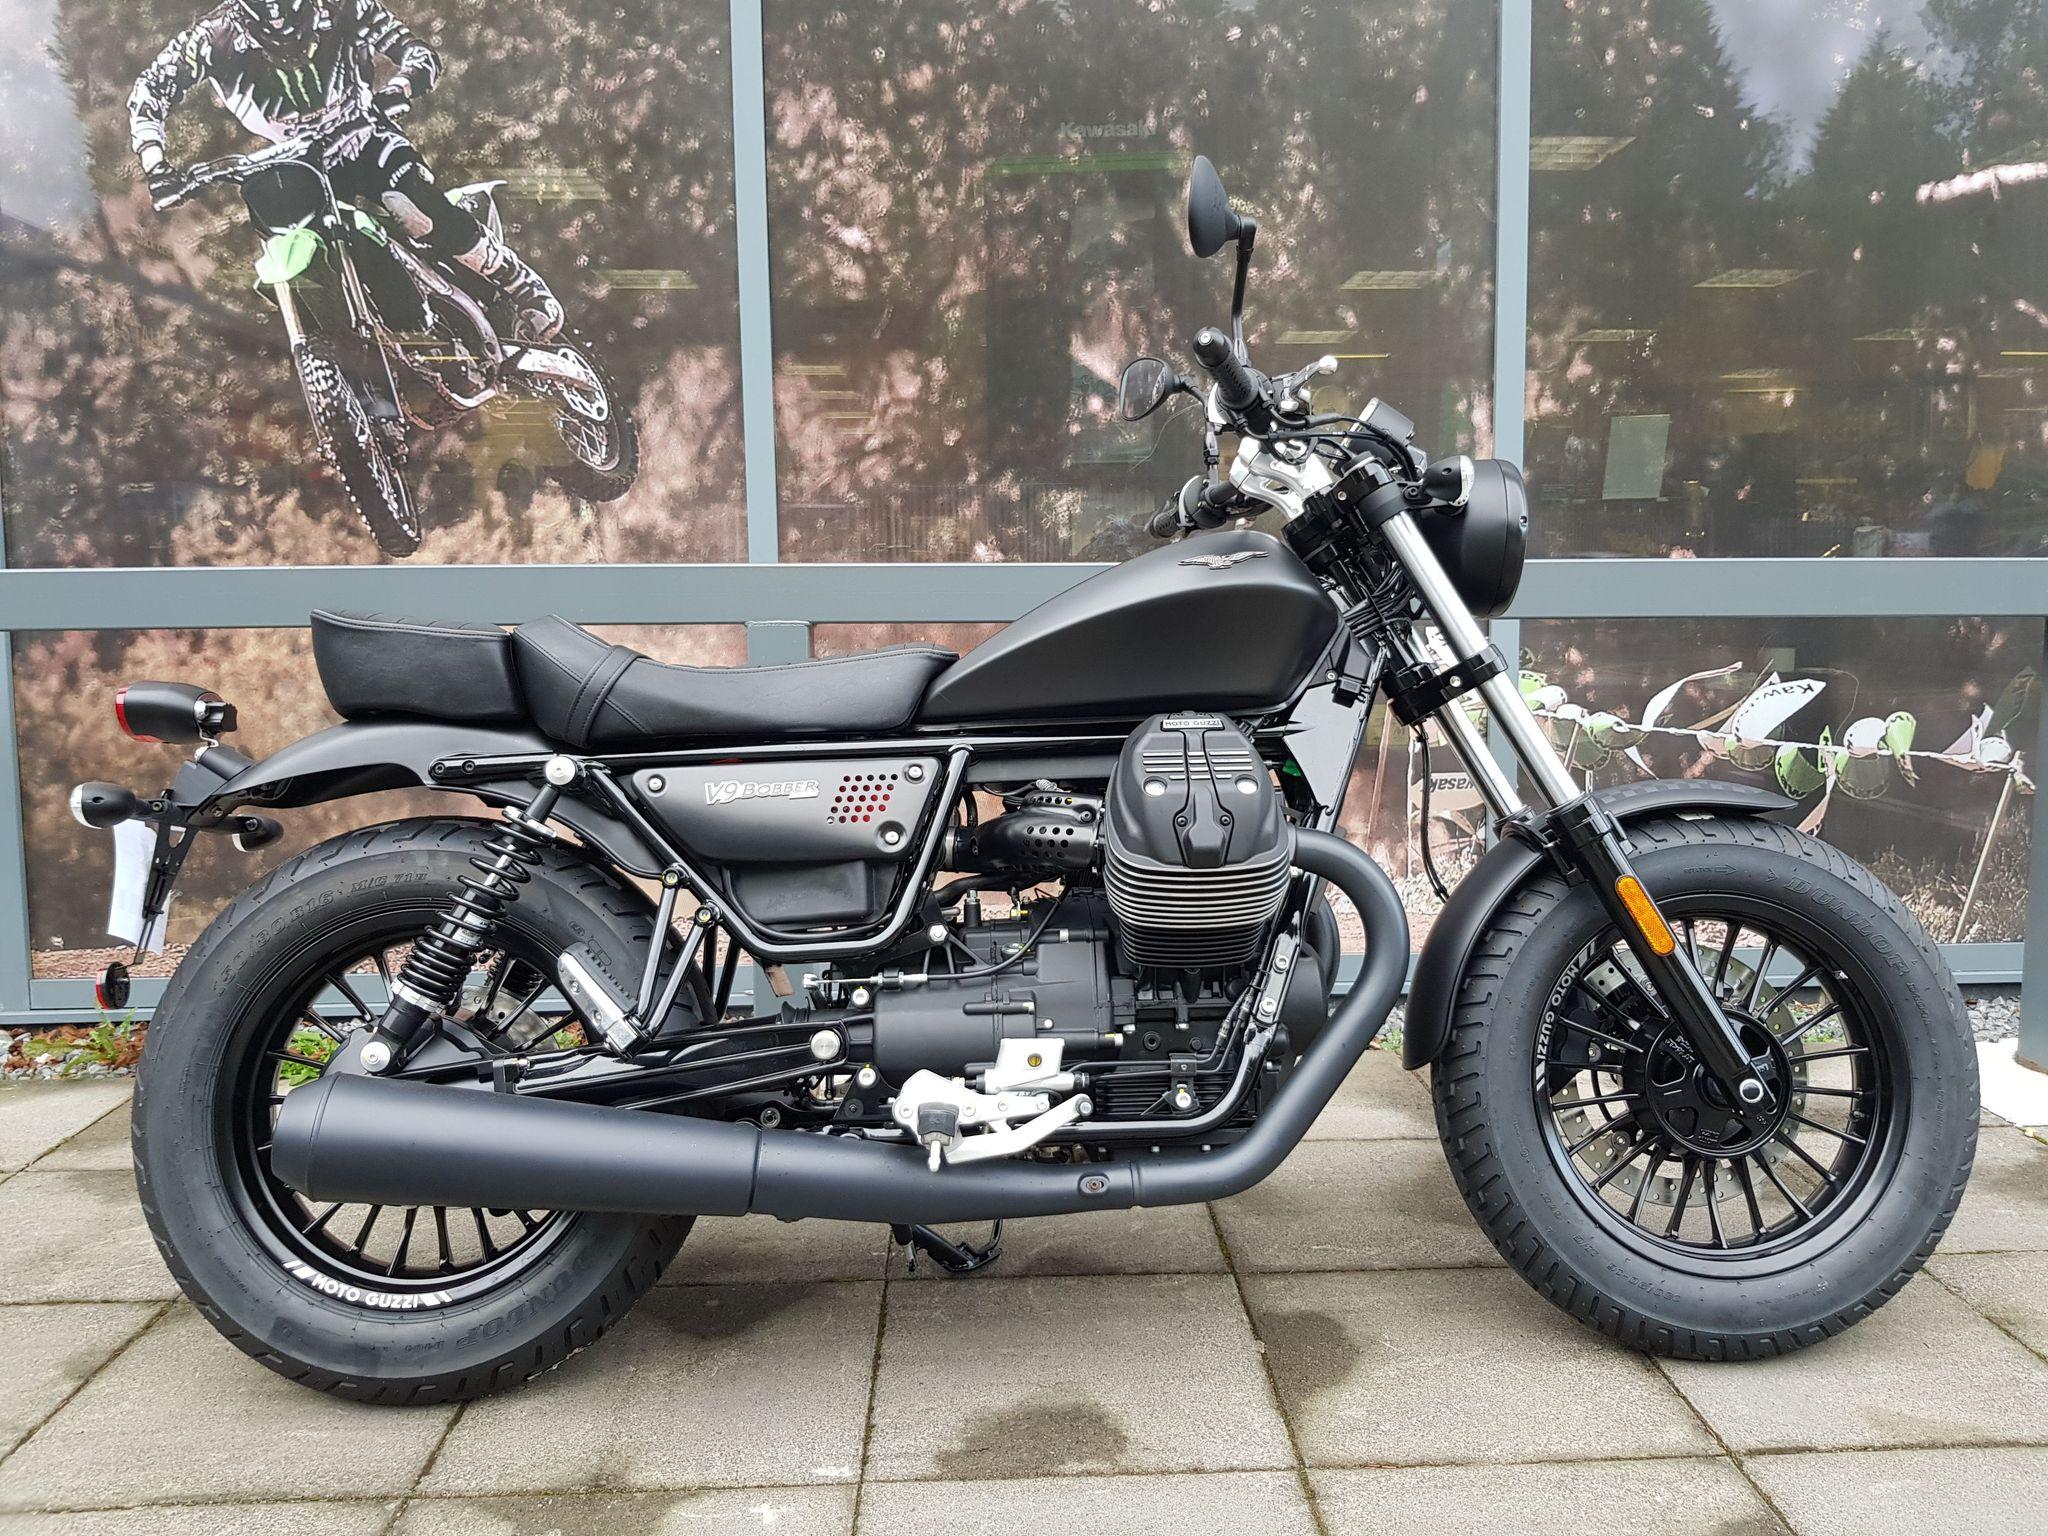 Moto Guzzi V9 Bikes For Sale Autotrader Bikes